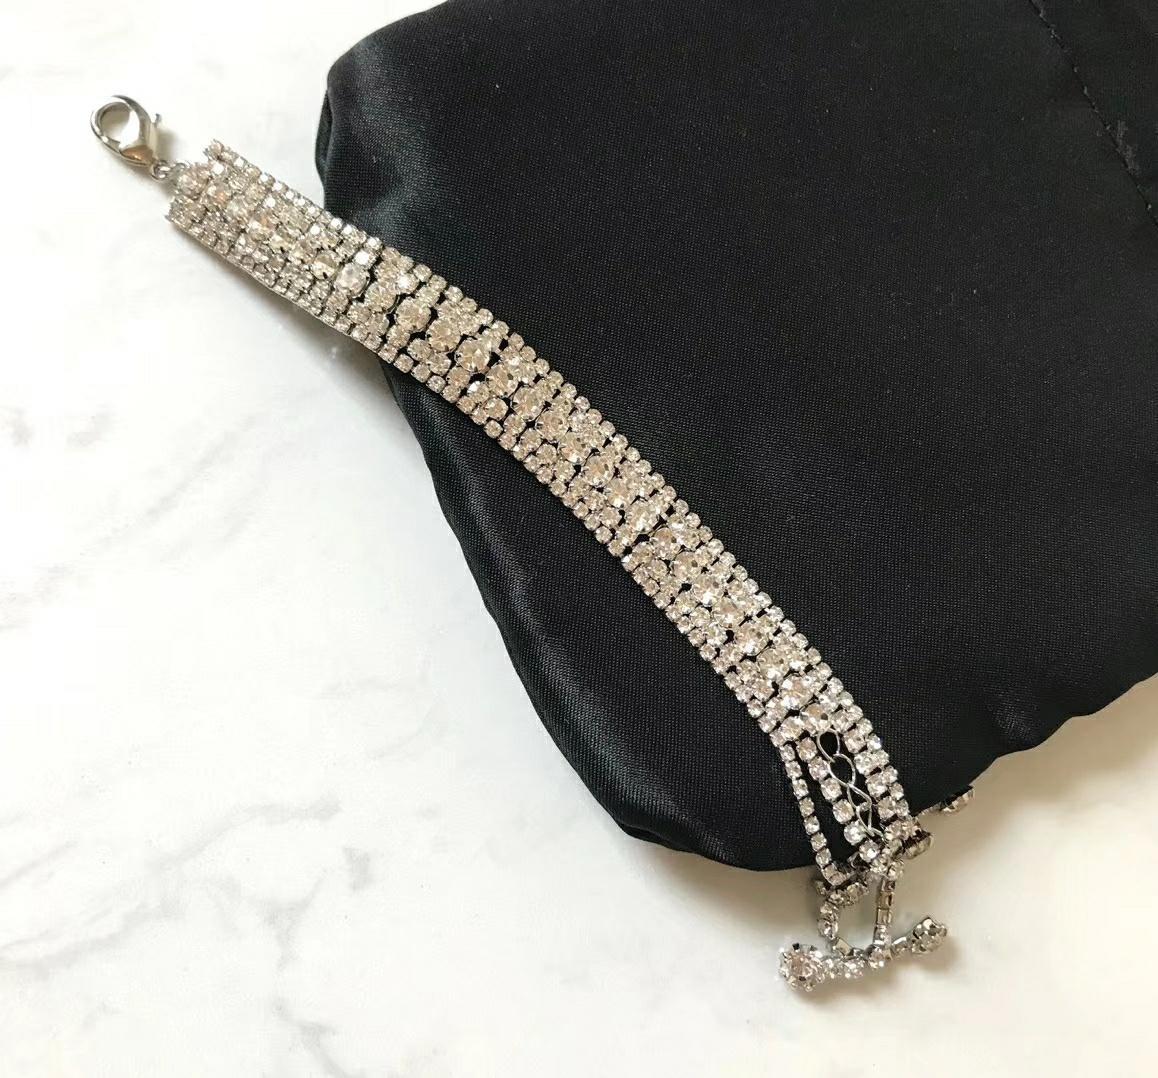 bijoux fantaisie bracelet fantaisie bijou bracelet gland cristal naturel de guérison pierre Bracelet Fille bijoux pendentif chaîne Link Bracelets